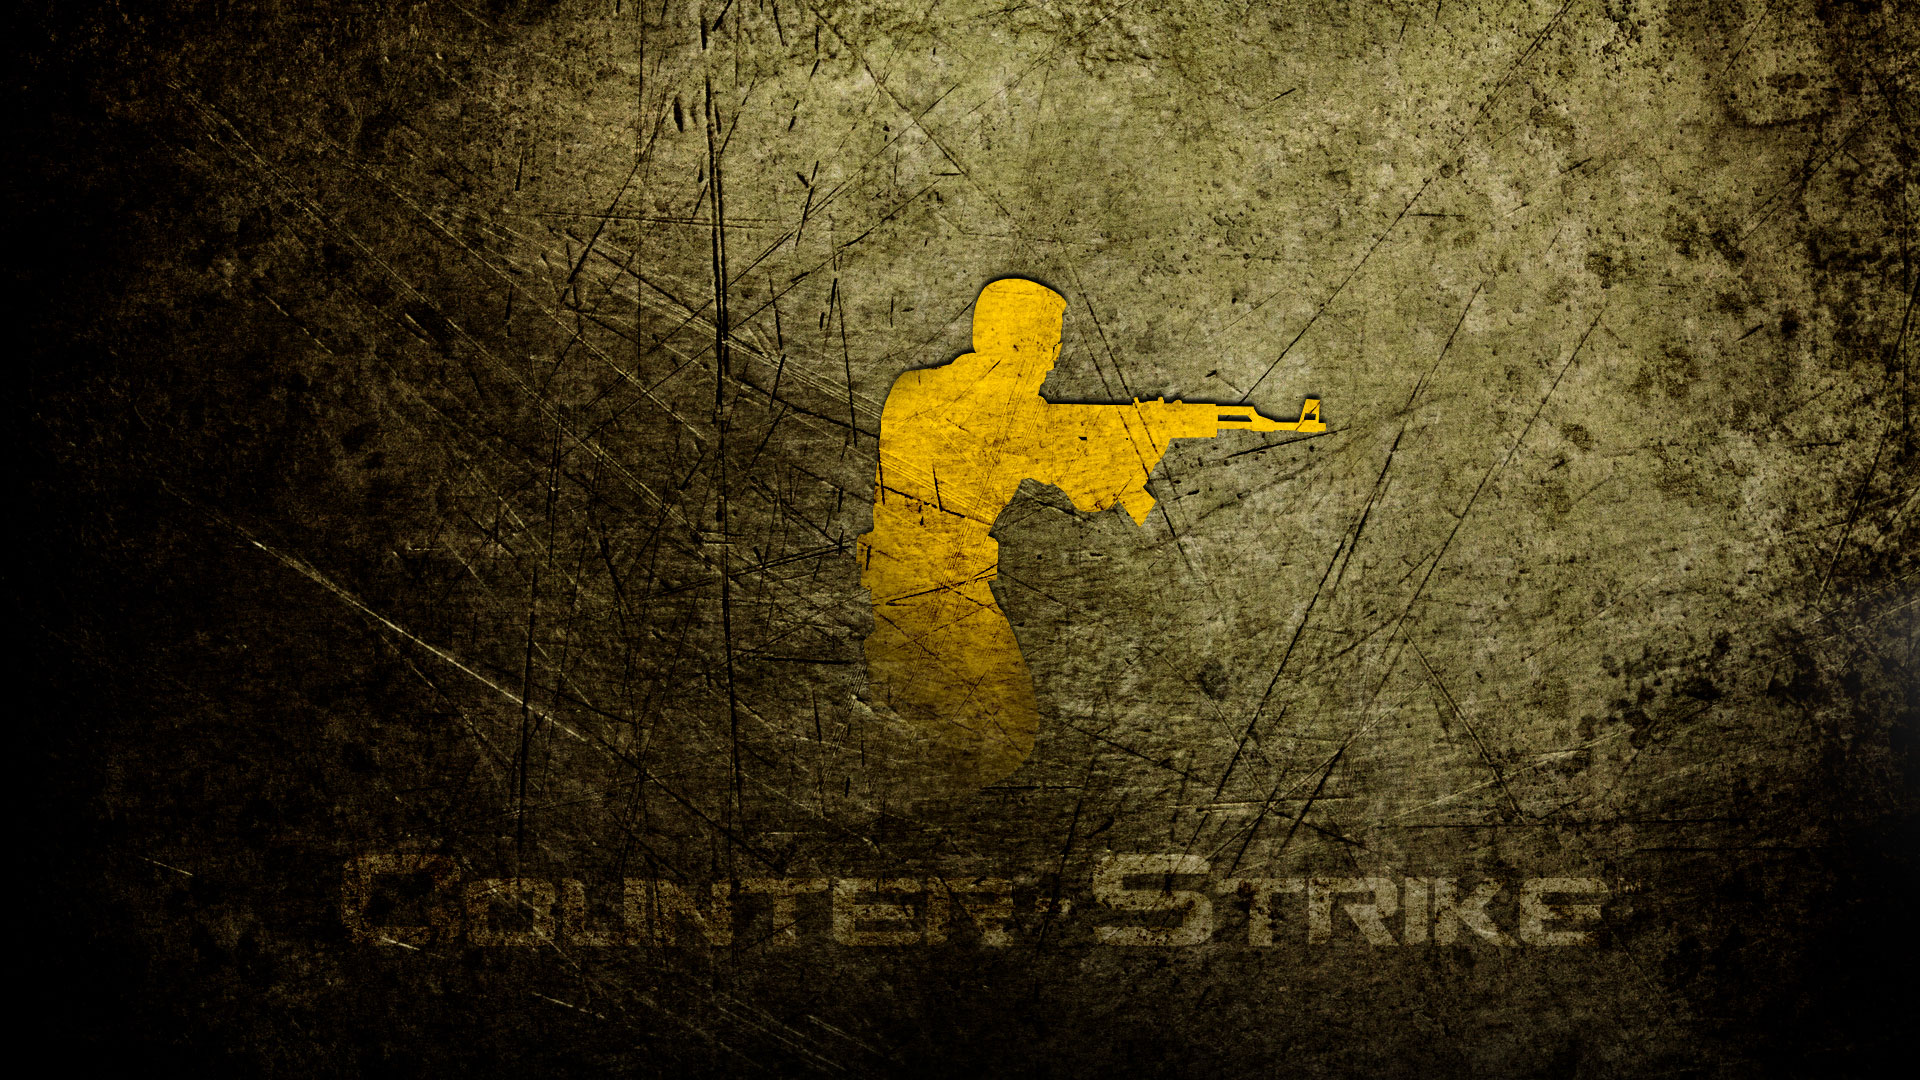 Cs Go Knife Wallpaper Wallpapersafari